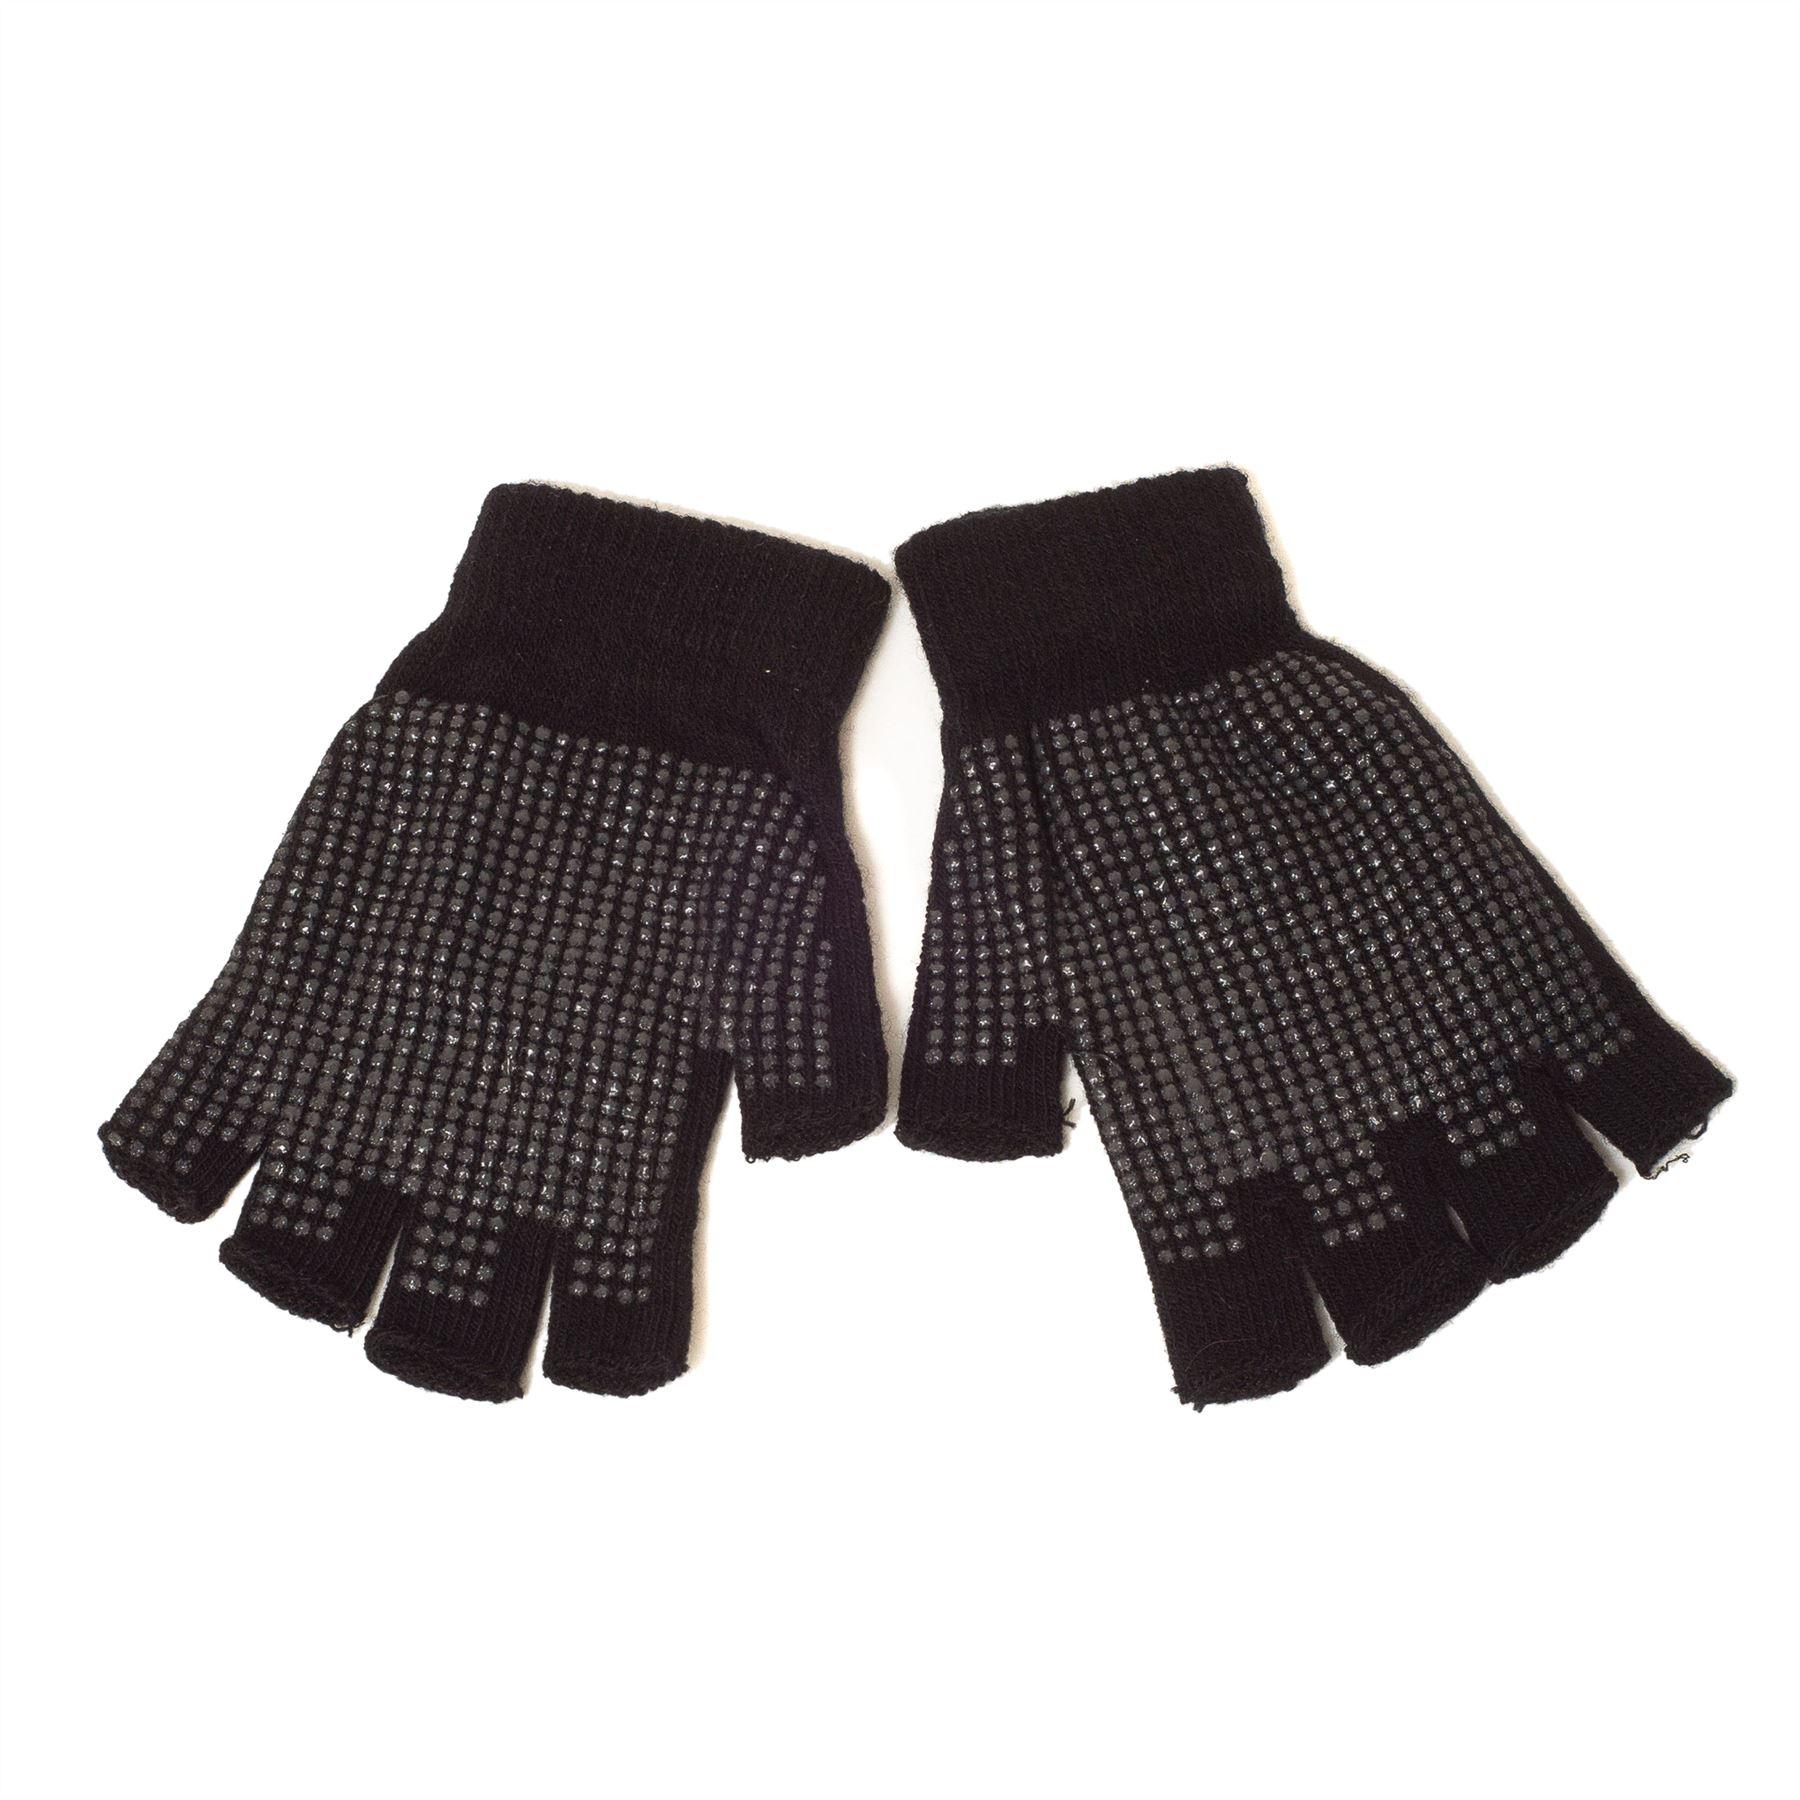 Plain Gloves Knitting Pattern : Fingerless Magic Knitted Gripper Gloves (Black) eBay